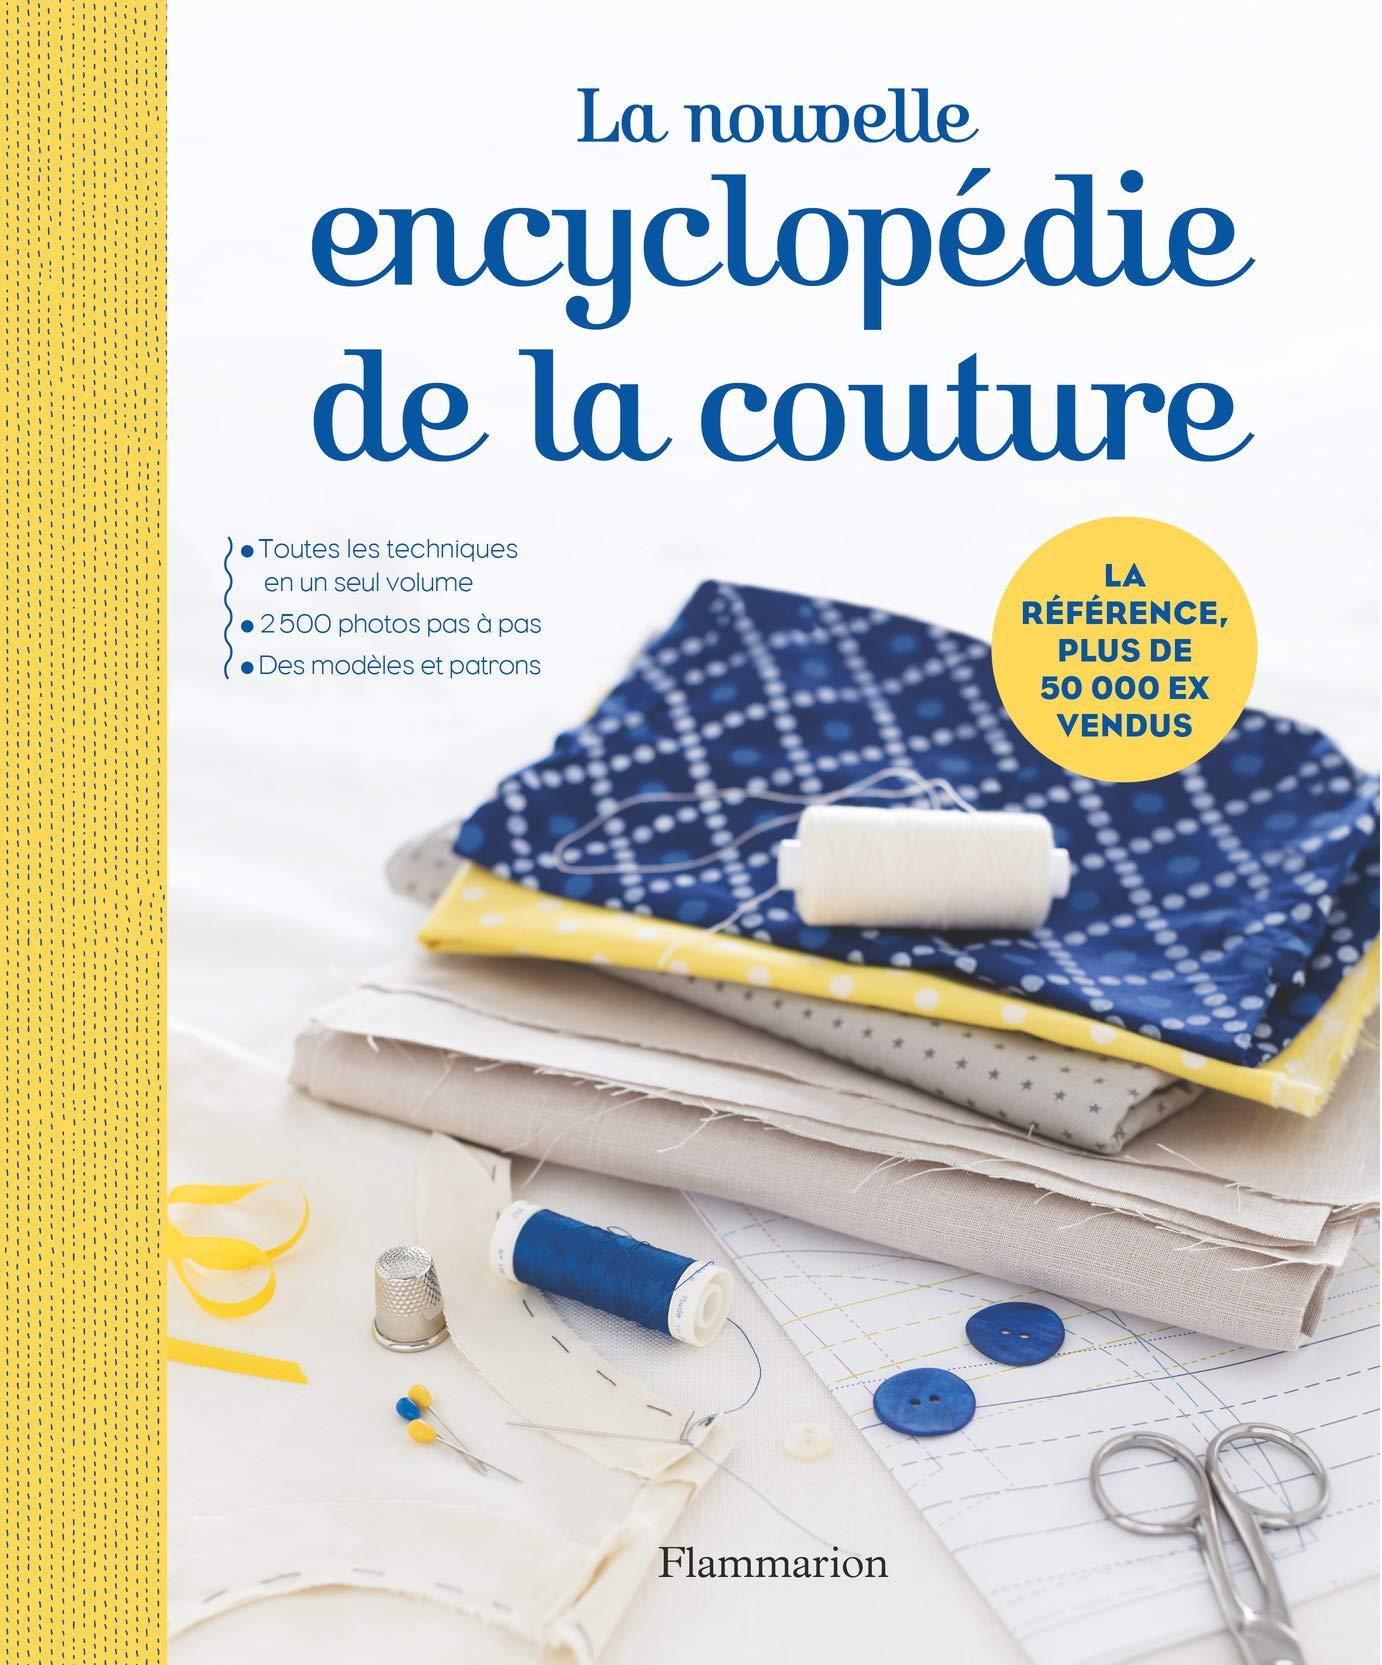 Jardin Encyclopédie Nouveau Amazon La Nouvelle Encyclopé De La Couture Smith